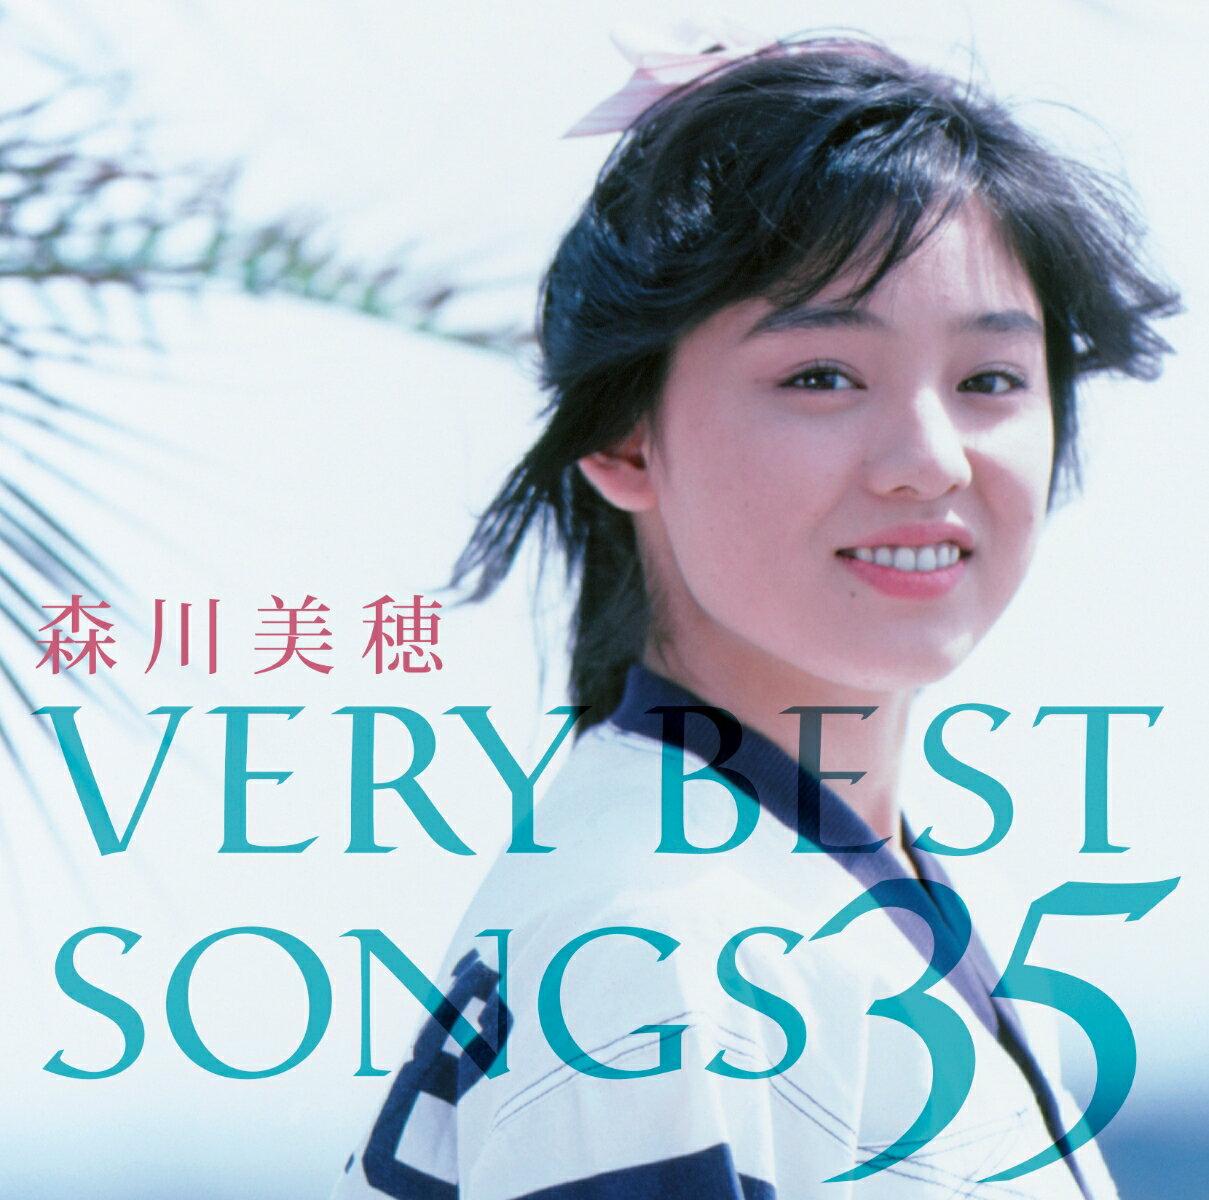 ロック・ポップス, その他  VERY BEST SONGS 35